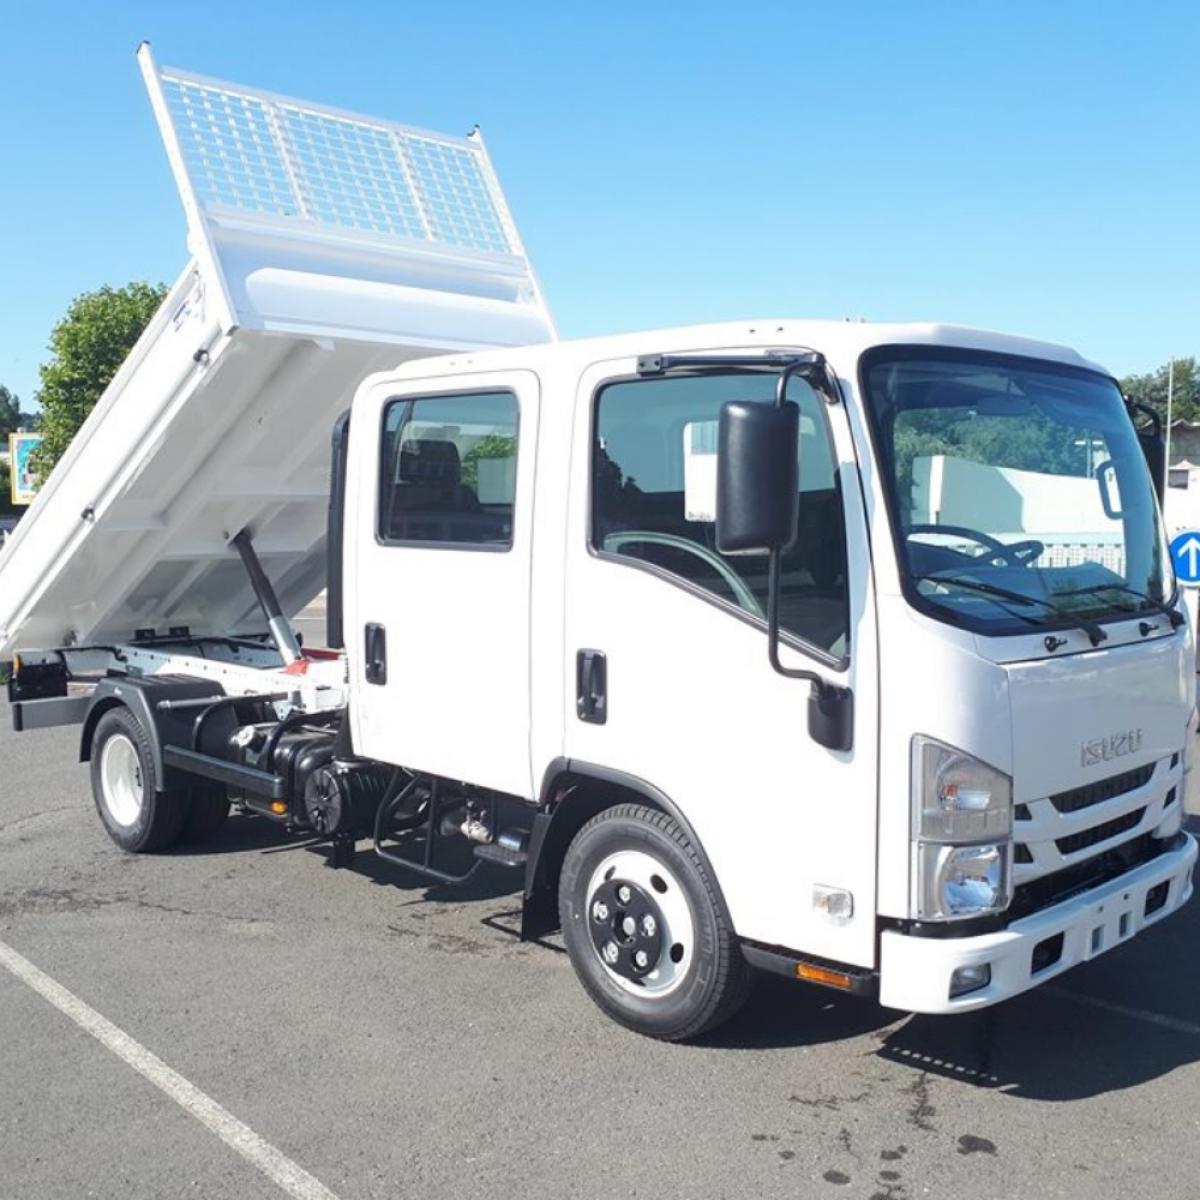 Isuzu M21 Double Cab Potenza